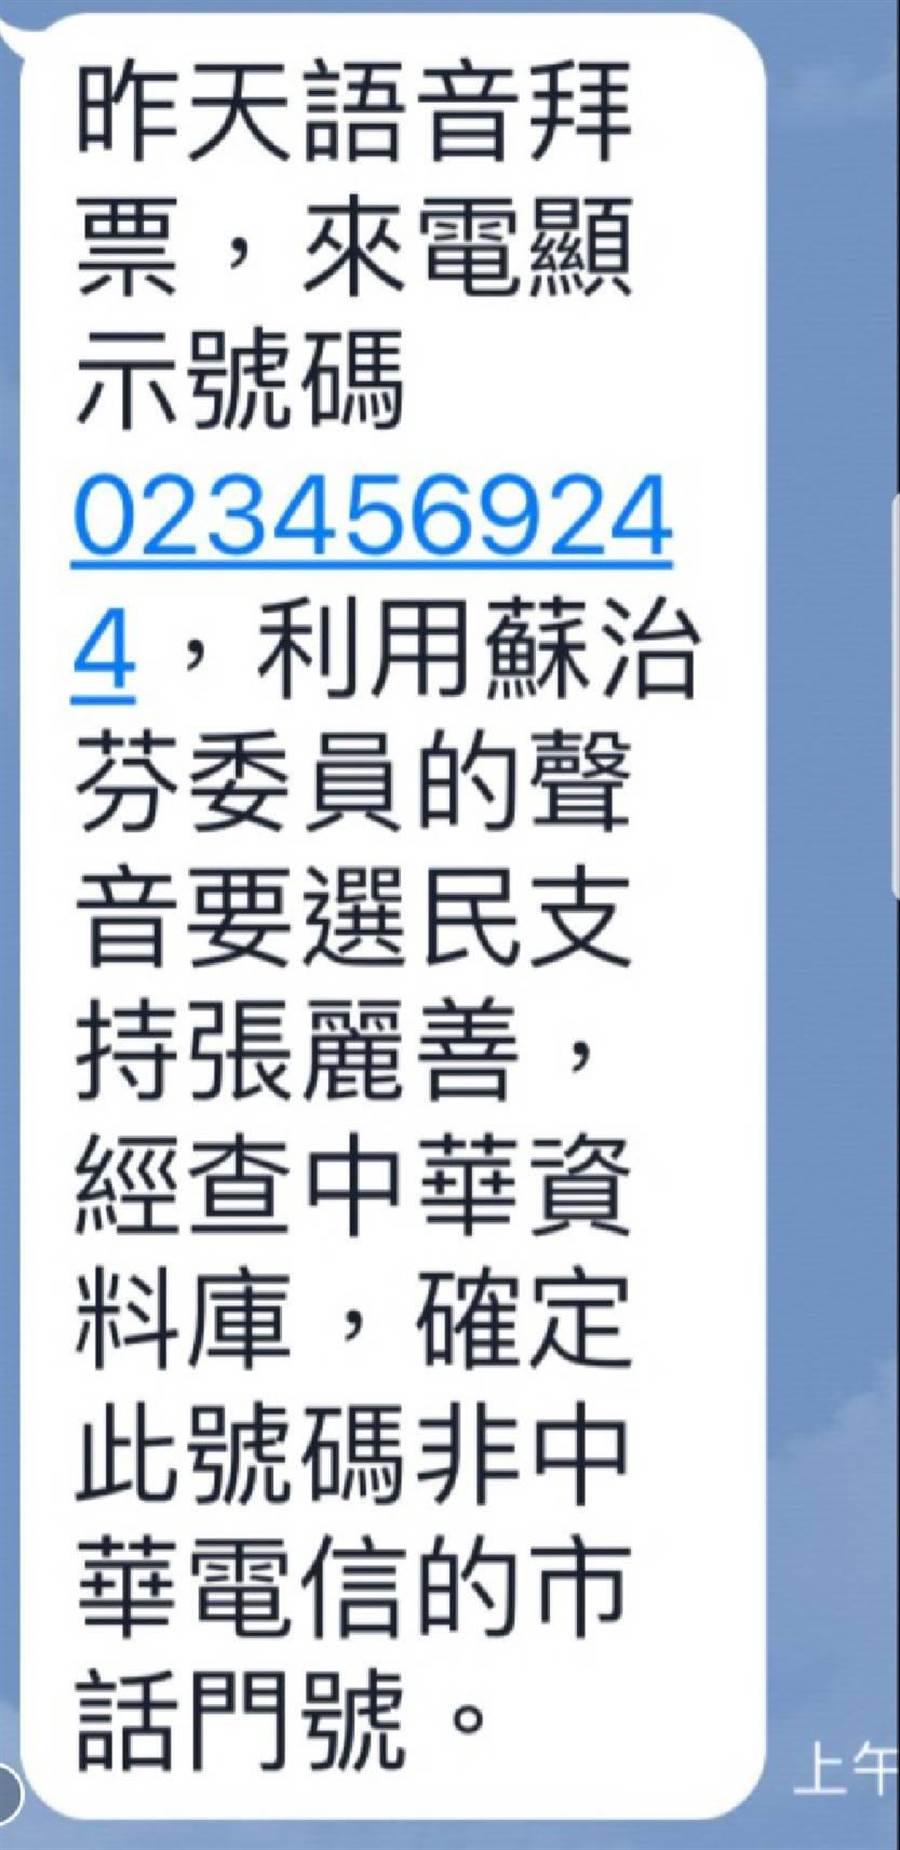 警方查證該電話發話位址來自海外。(周麗蘭翻攝)